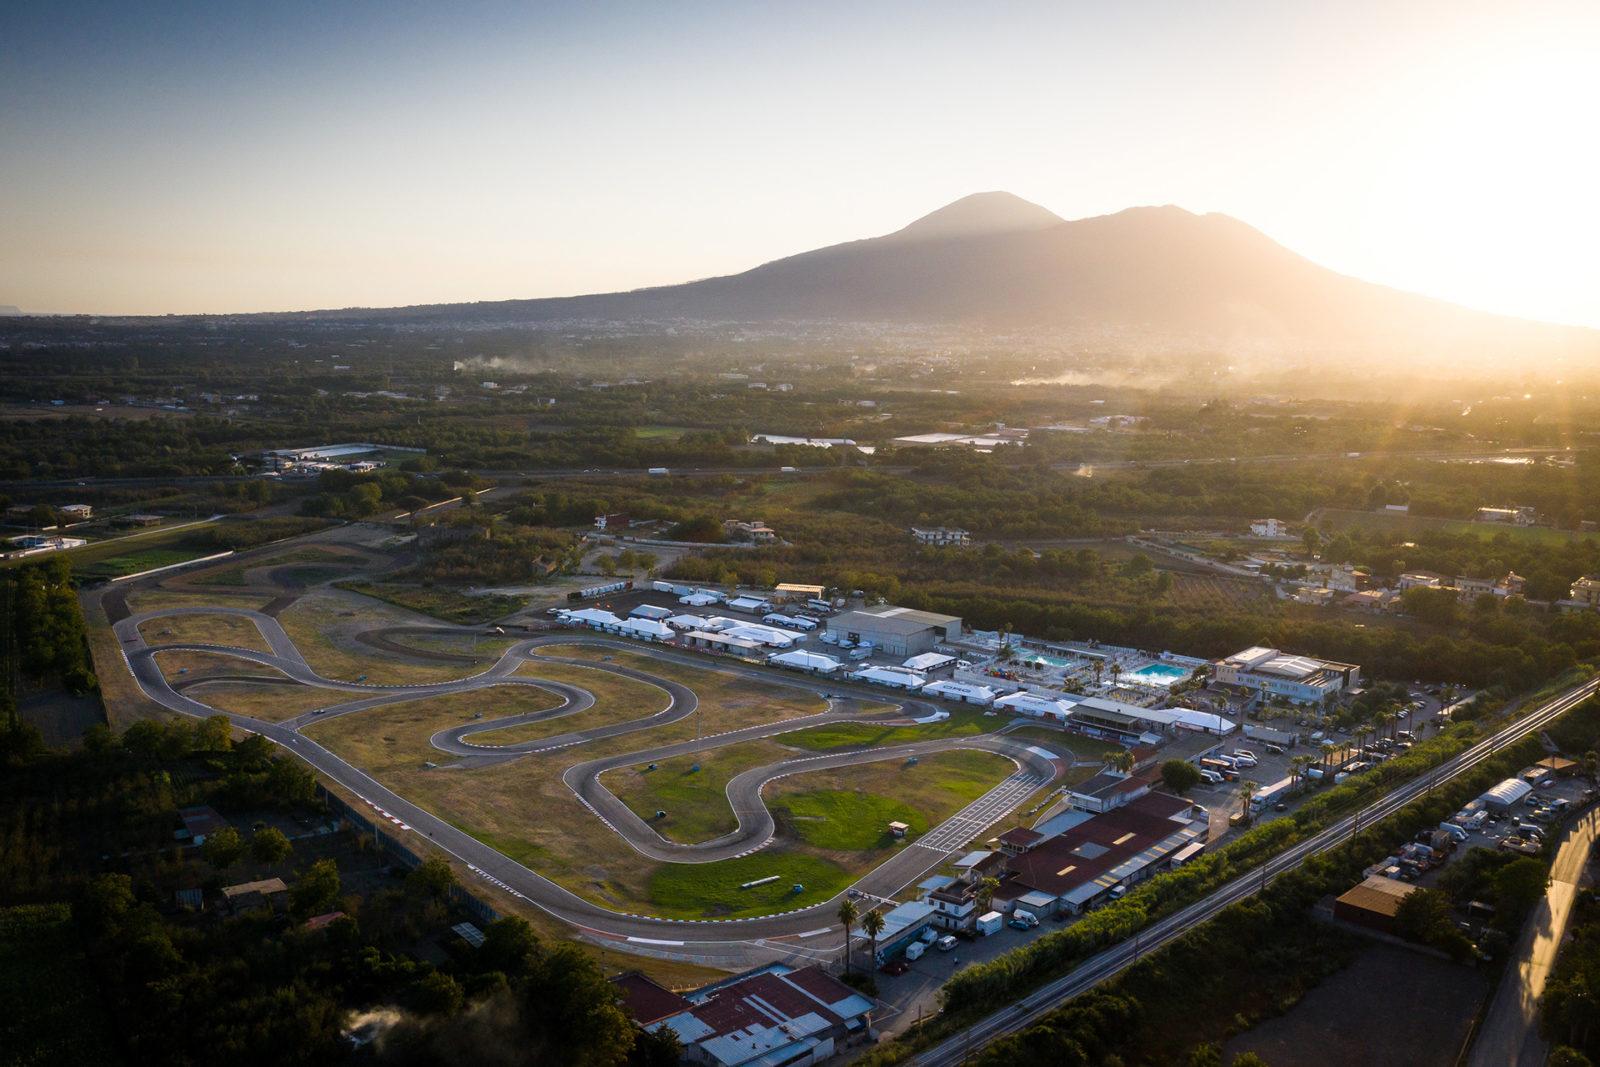 Circuito Internazionale Napoli in Sarno